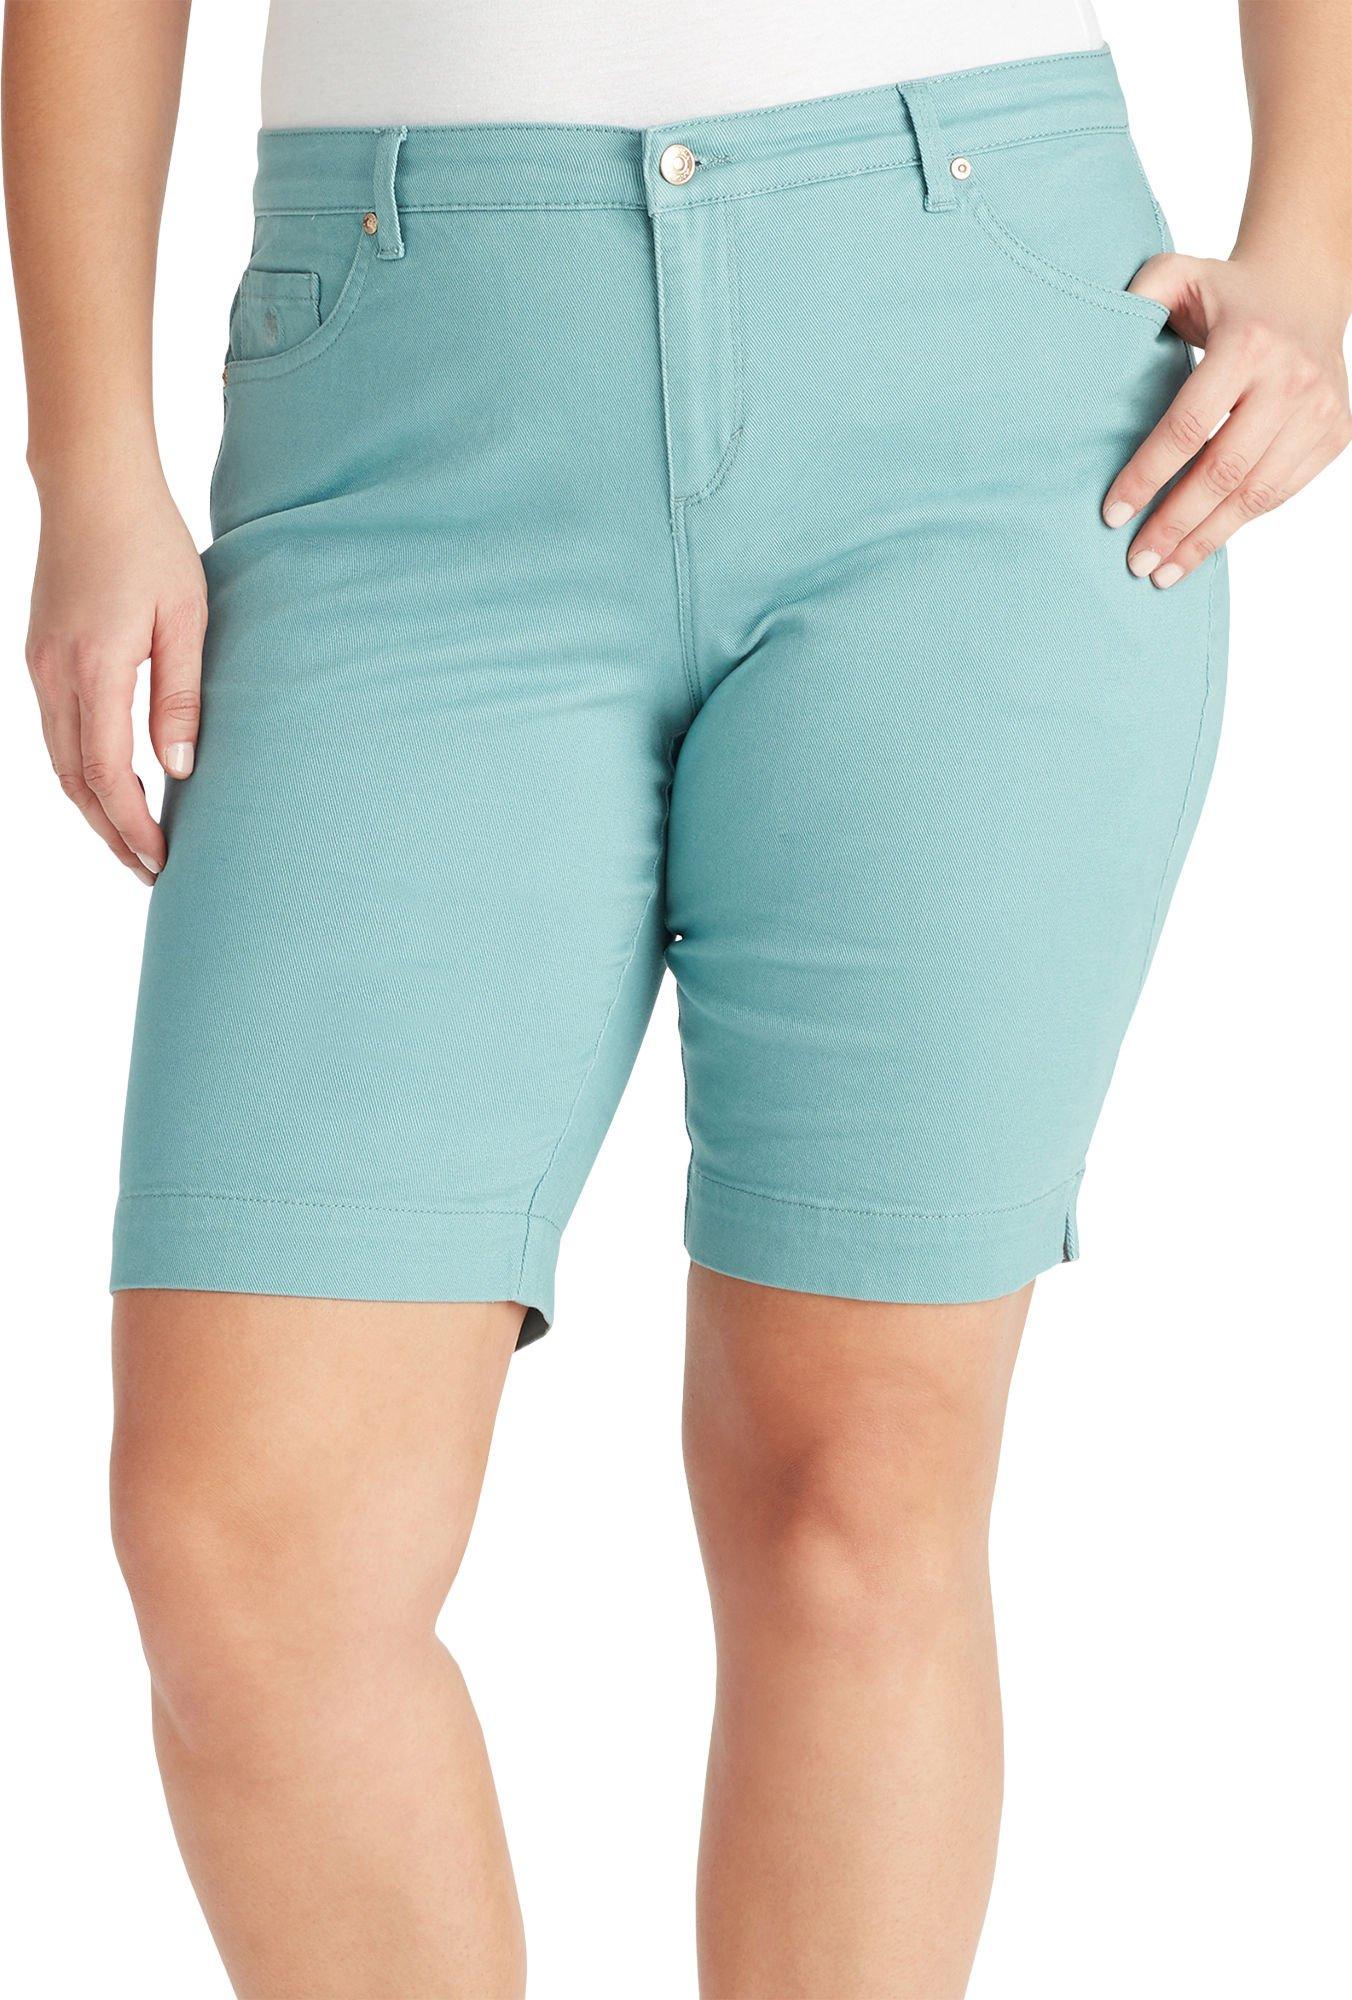 Gloria Vanderbilt Plus Amanda Bermuda Twill Shorts 16W Mineral Blue